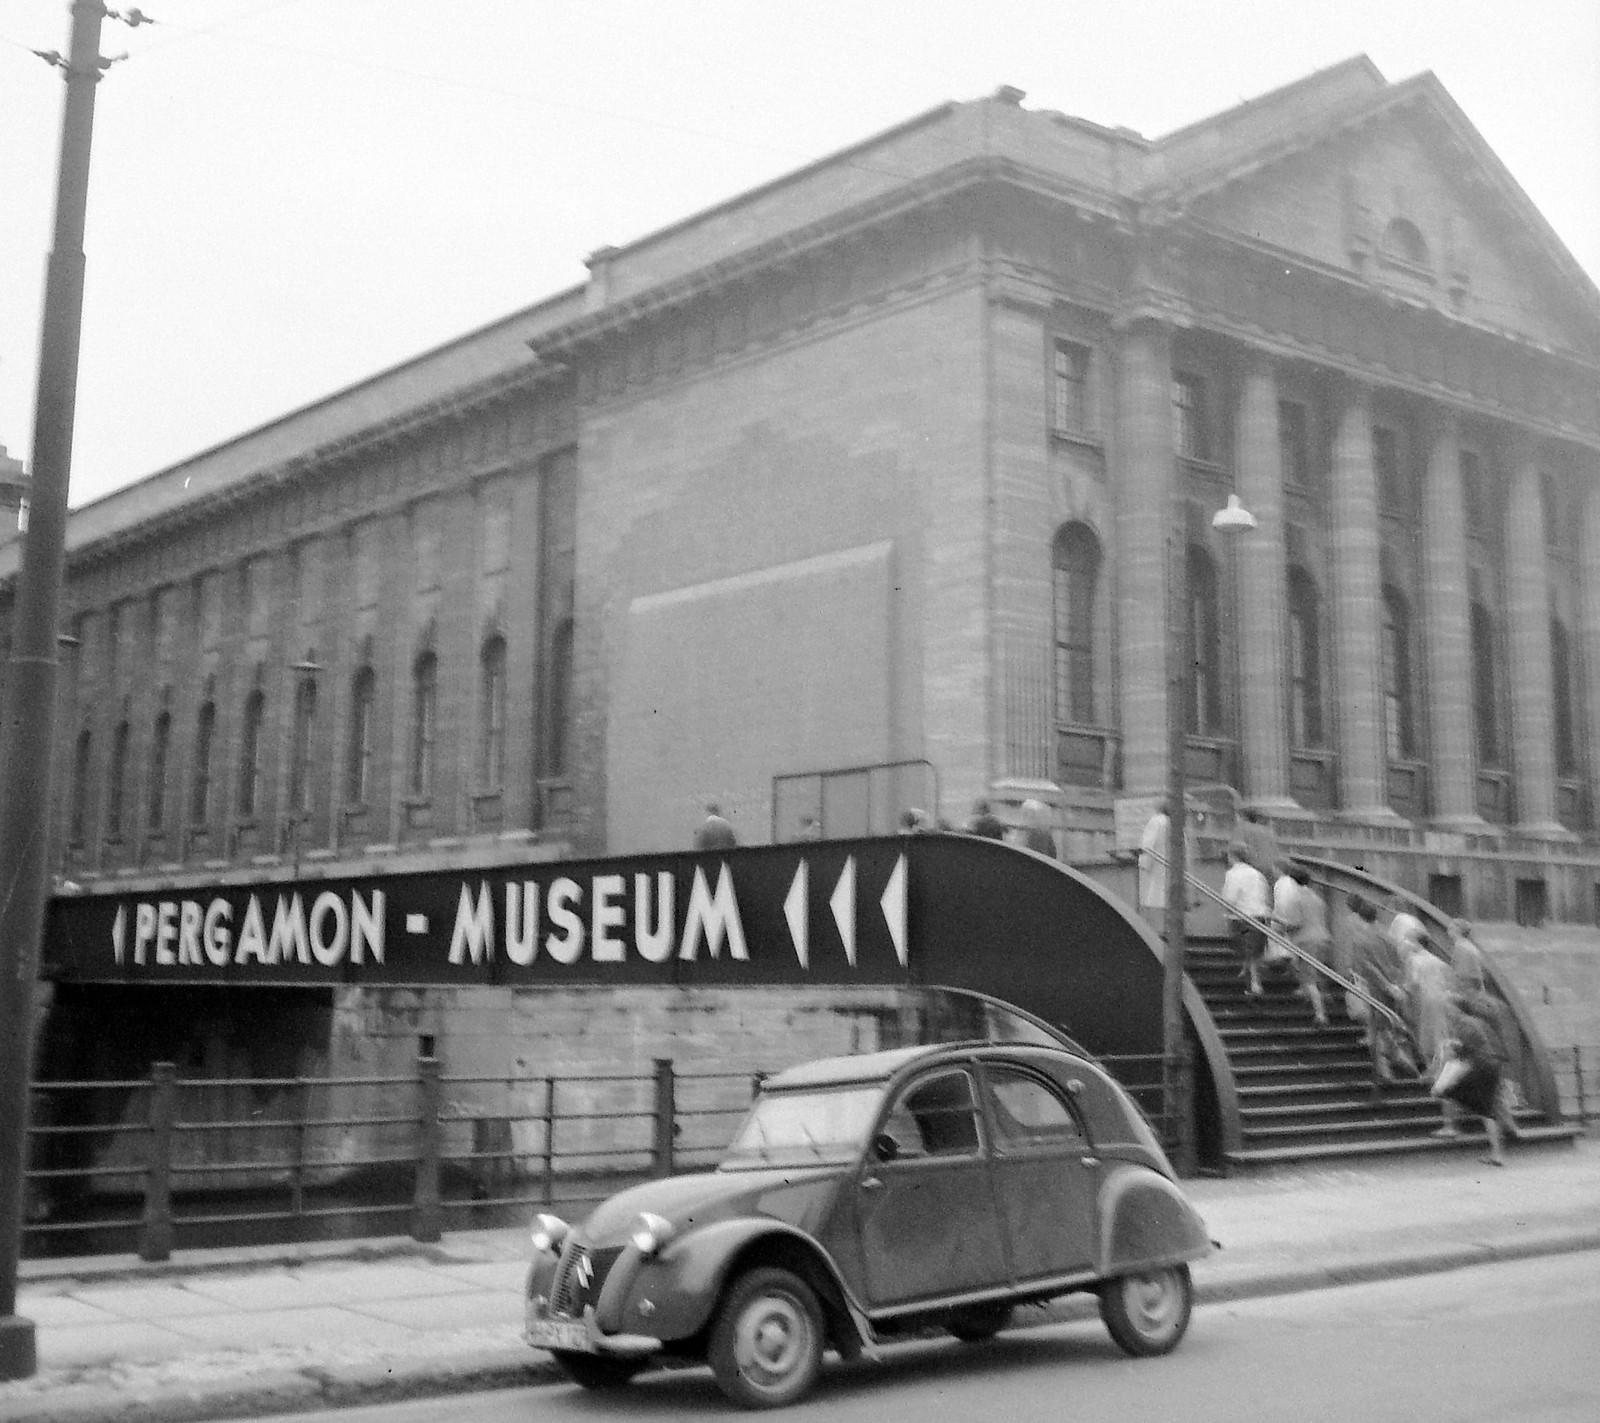 03. 1956. Восточный Берлин. Музейный остров, Пергамский музей